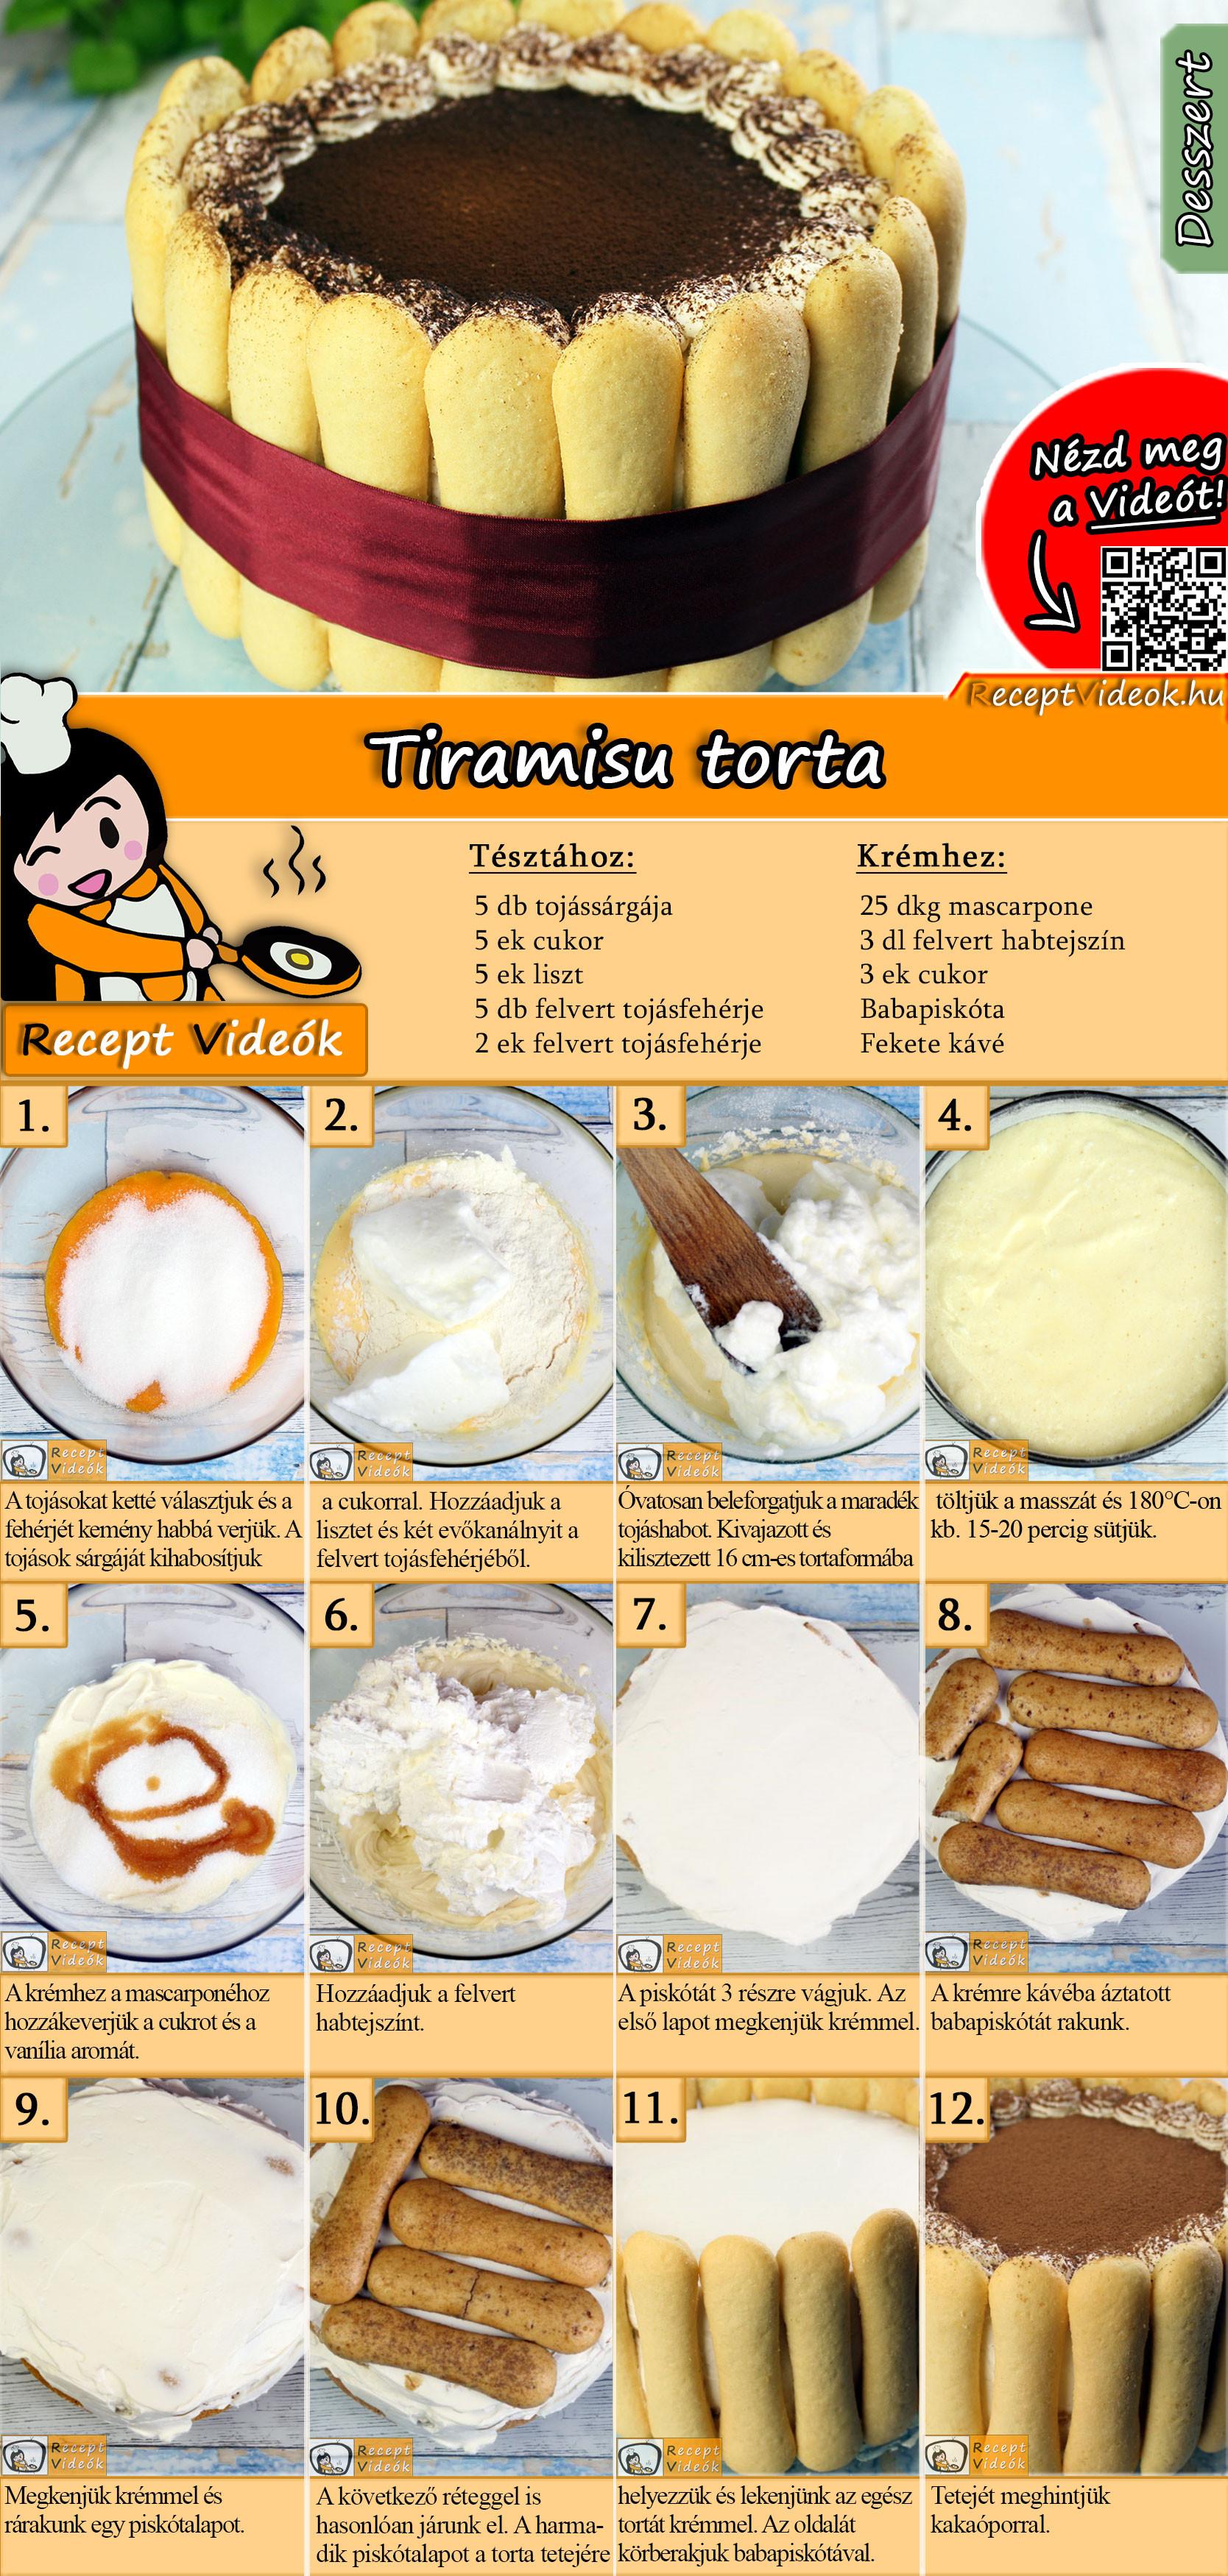 Tiramisu torta recept elkészítése videóval